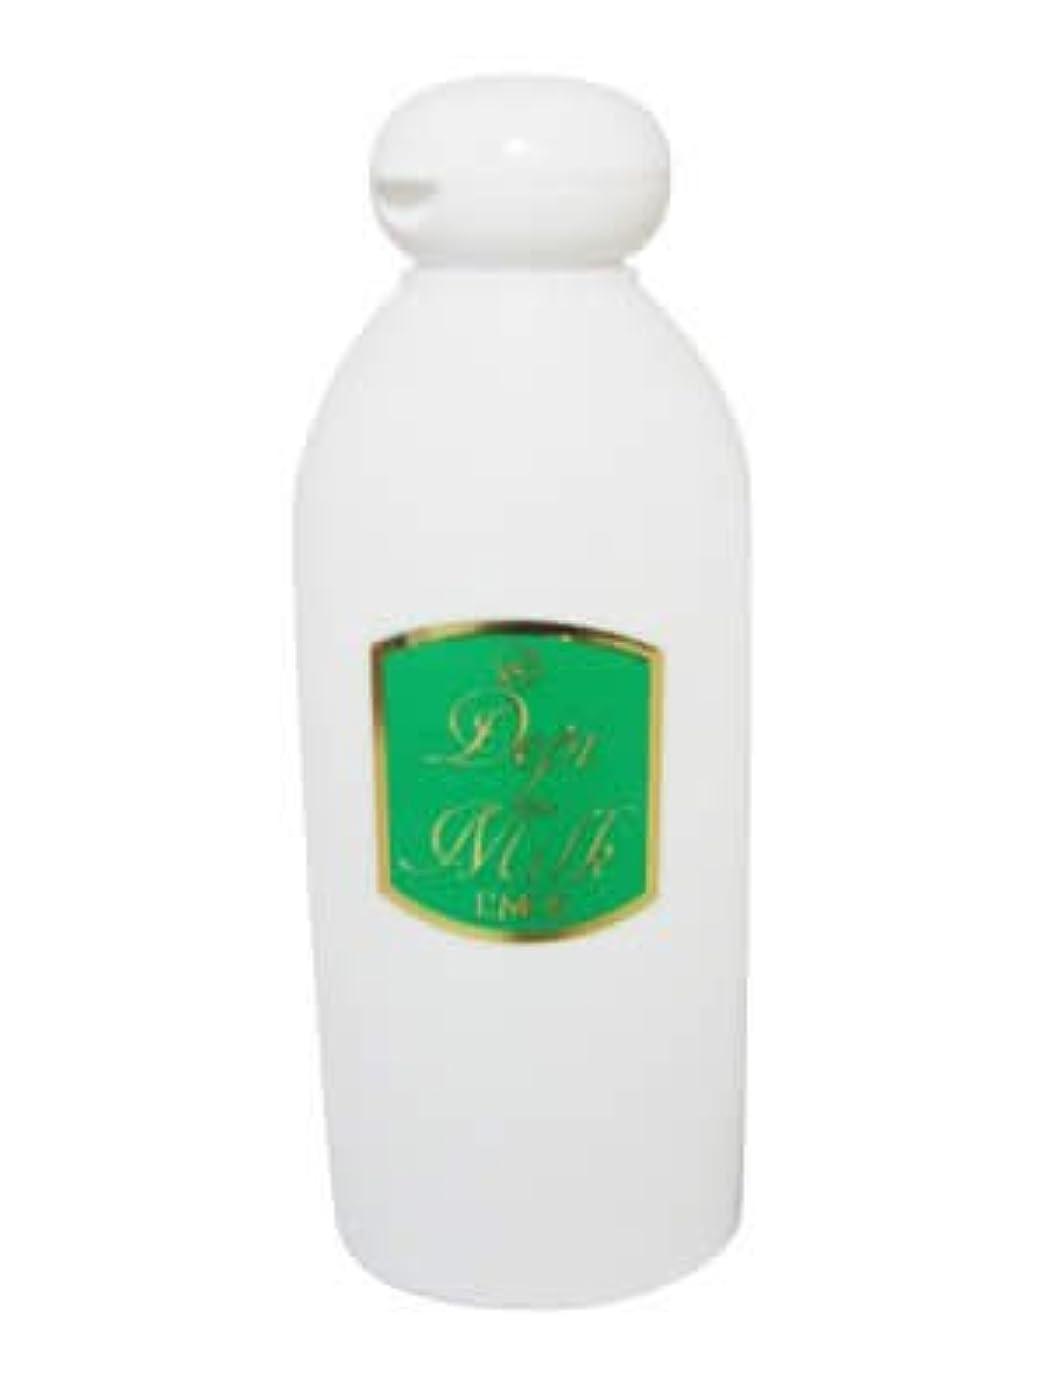 処方味付け数デピミルク 150ml